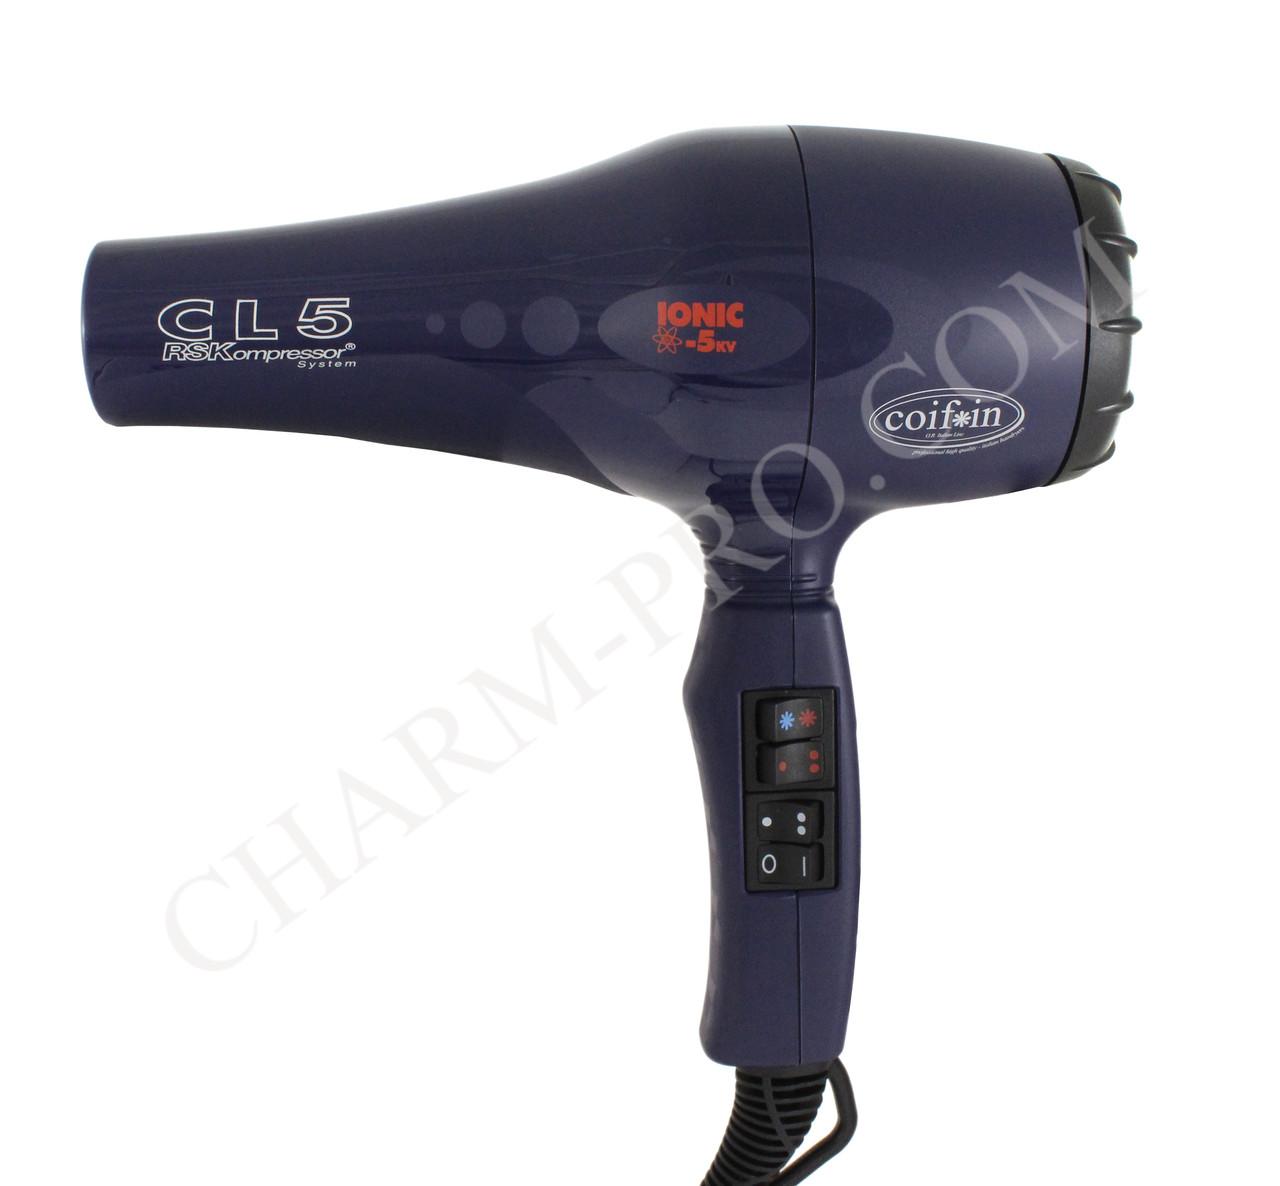 Фен для укладки волос Coifin CL5R ionic (2100W) - Интернет-магазин  Очарование в 942767d29fe80